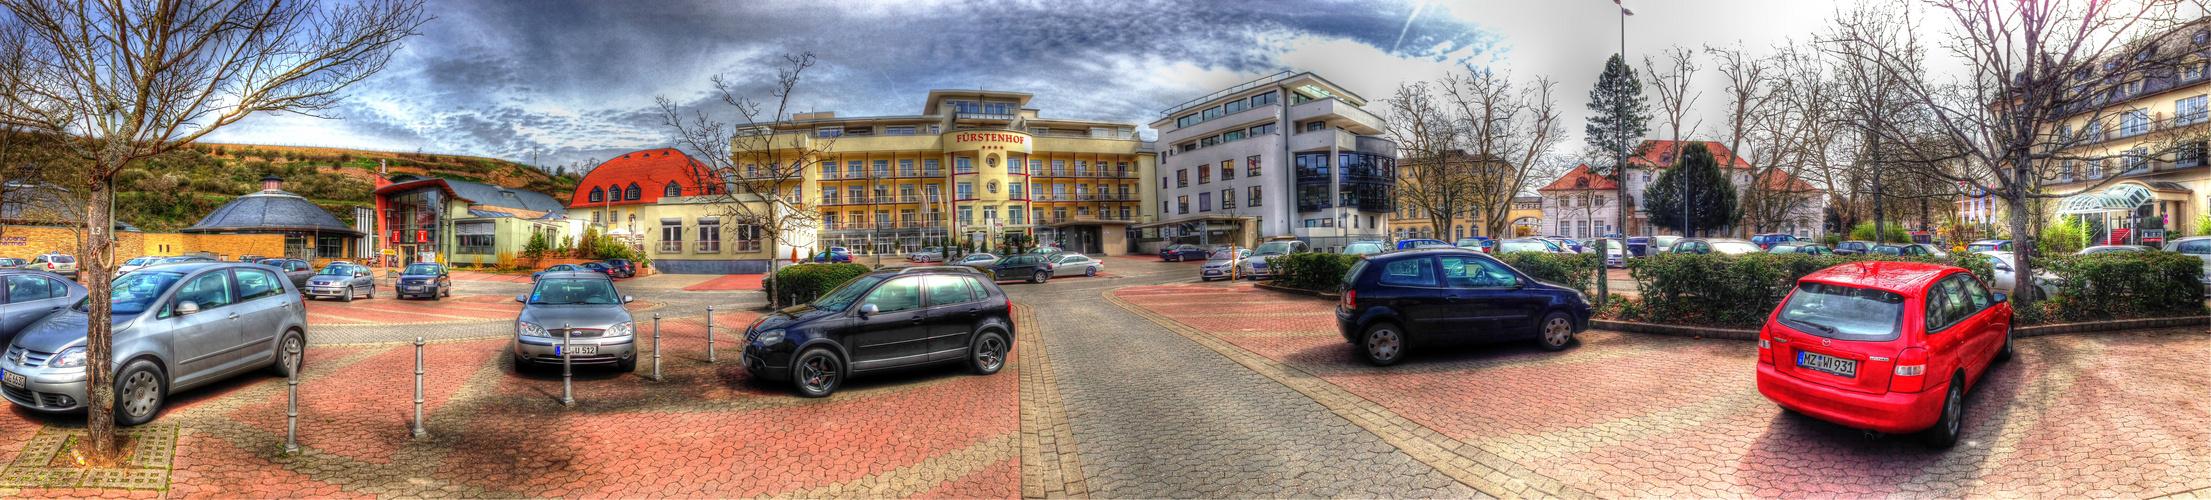 Fürstenhof Panoramablick